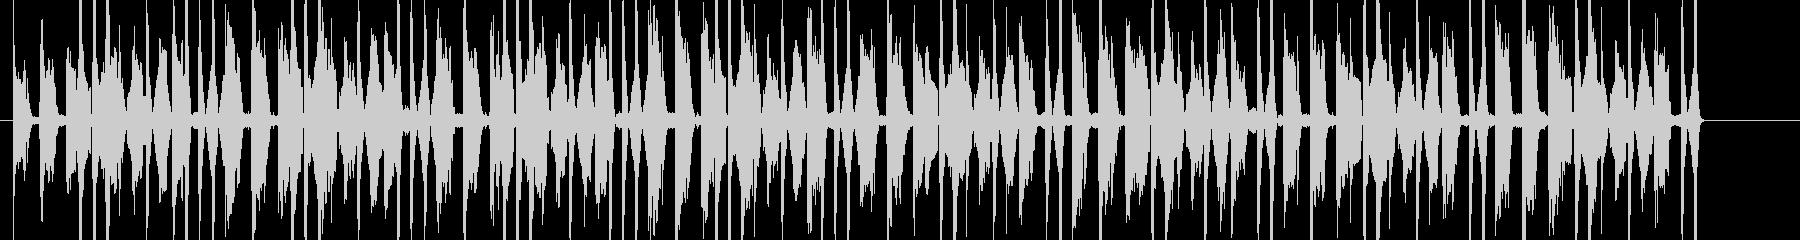 ゲームに合う四つ打ちの元気な短い曲の未再生の波形